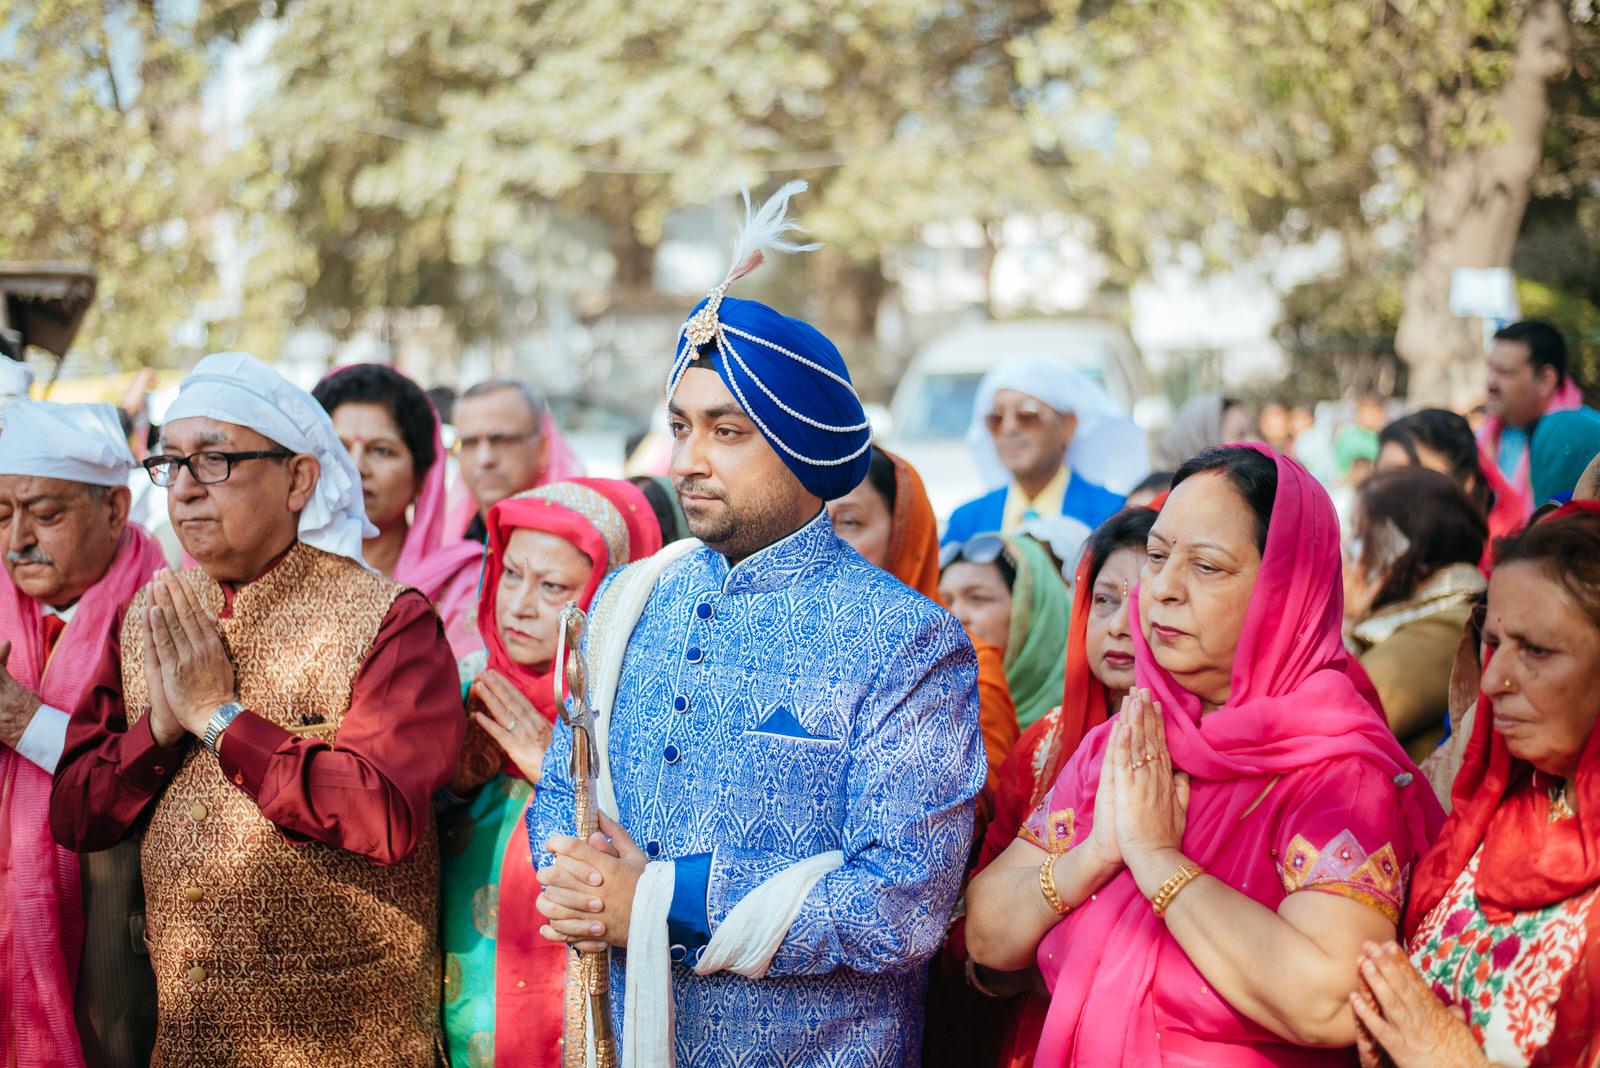 Sikh Wedding Day 1 - Camera 1-219.jpg